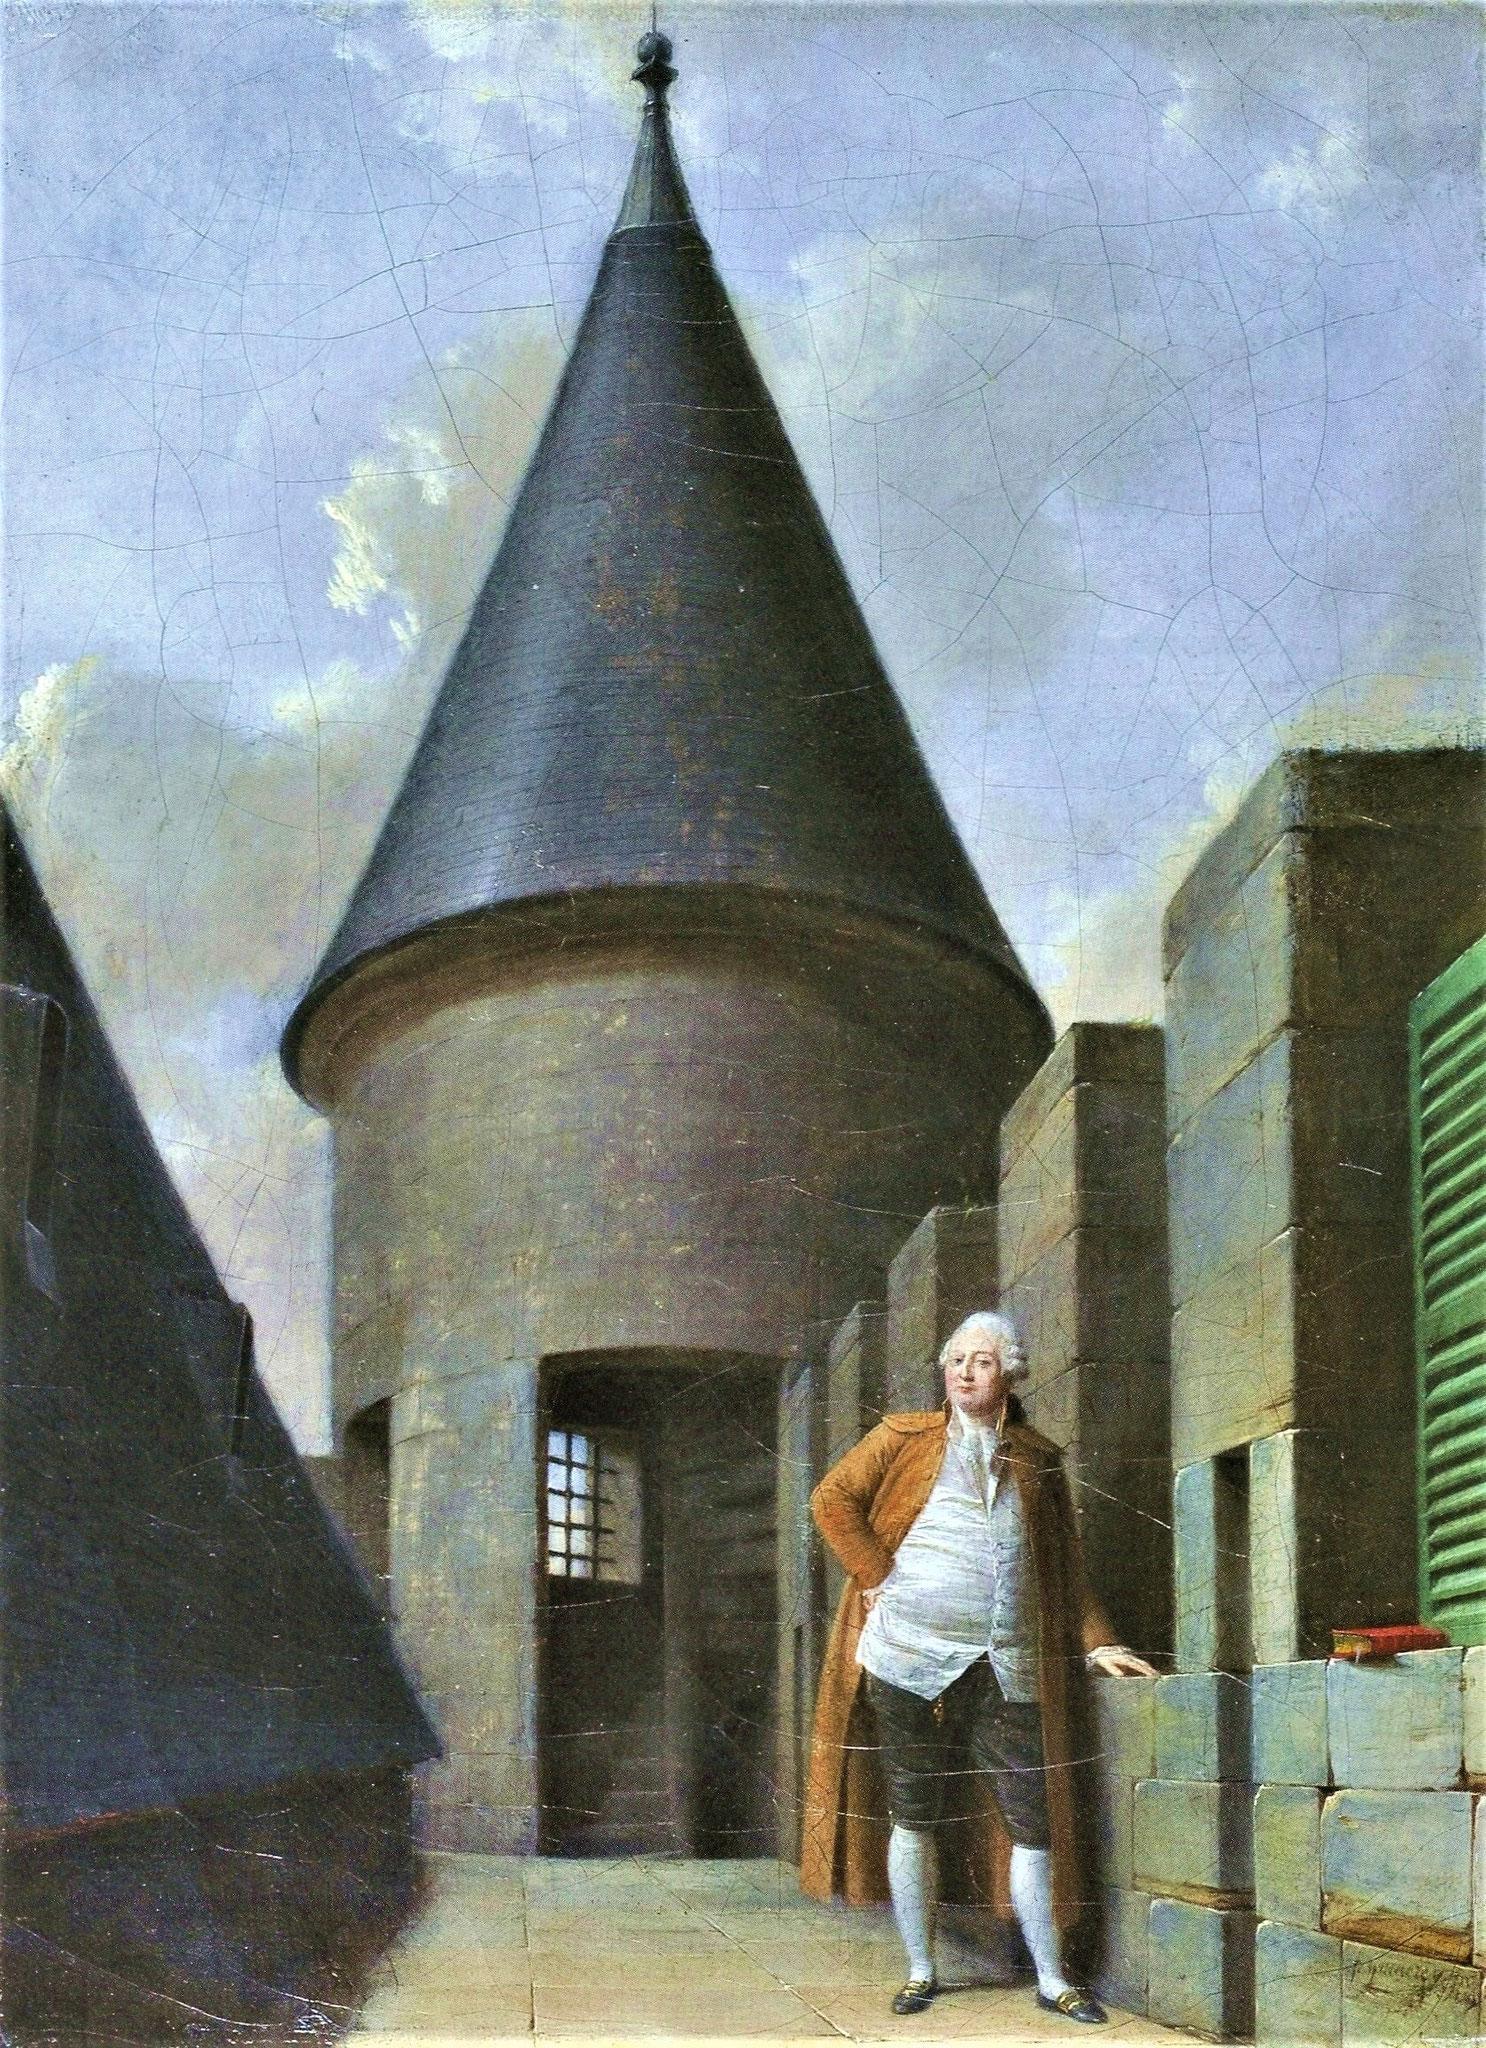 Louis XVI prisonnier à la Tour du Temple de Paris. Peinture de Jean-françois Gardenay. Musée Carnavalet